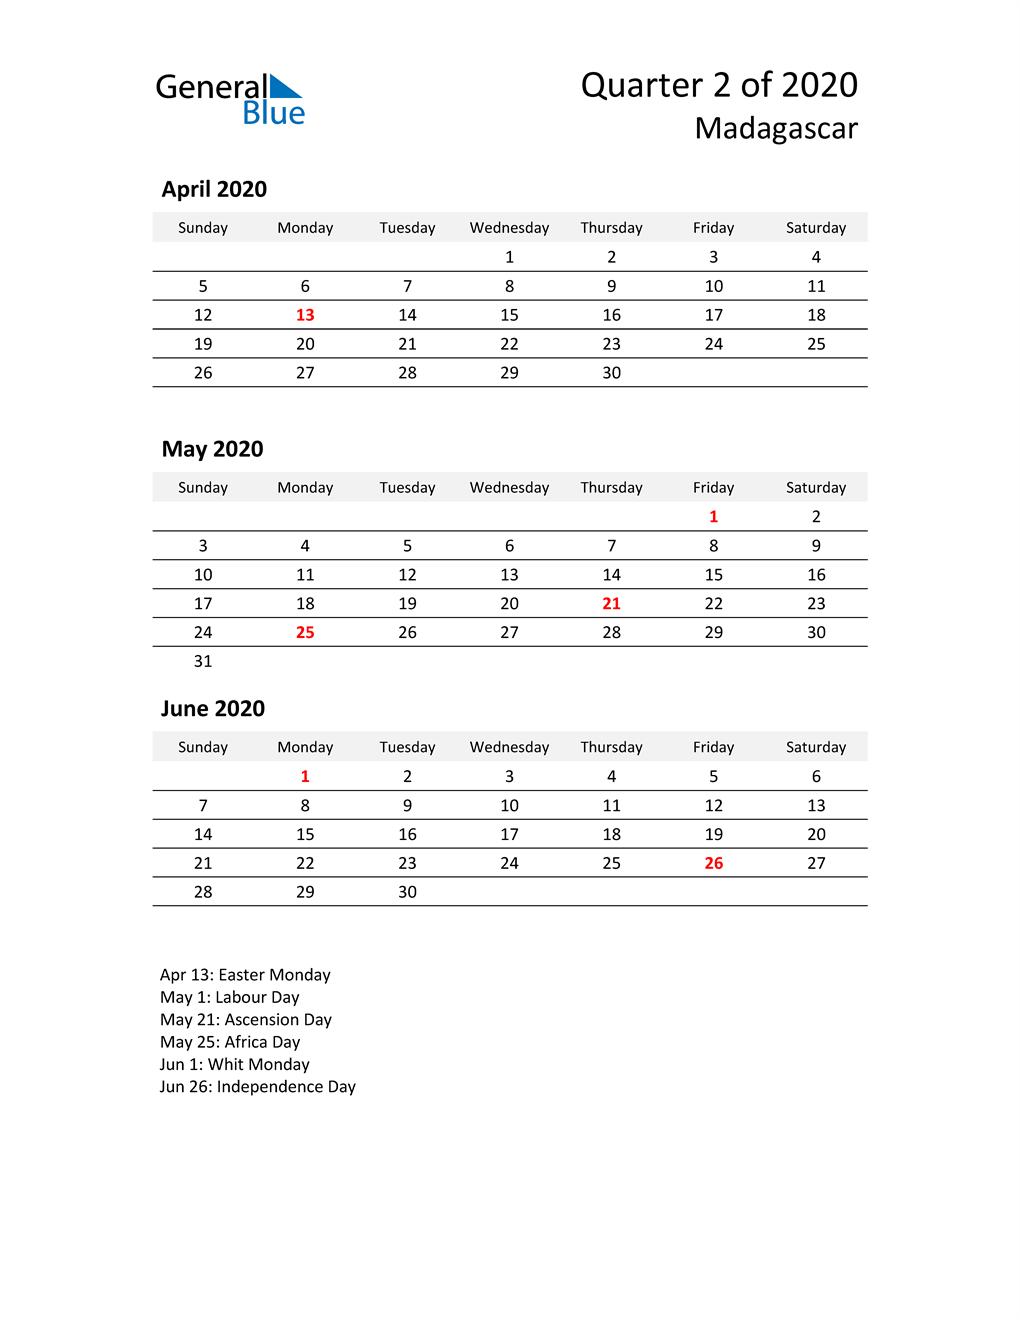 2020 Three-Month Calendar for Madagascar